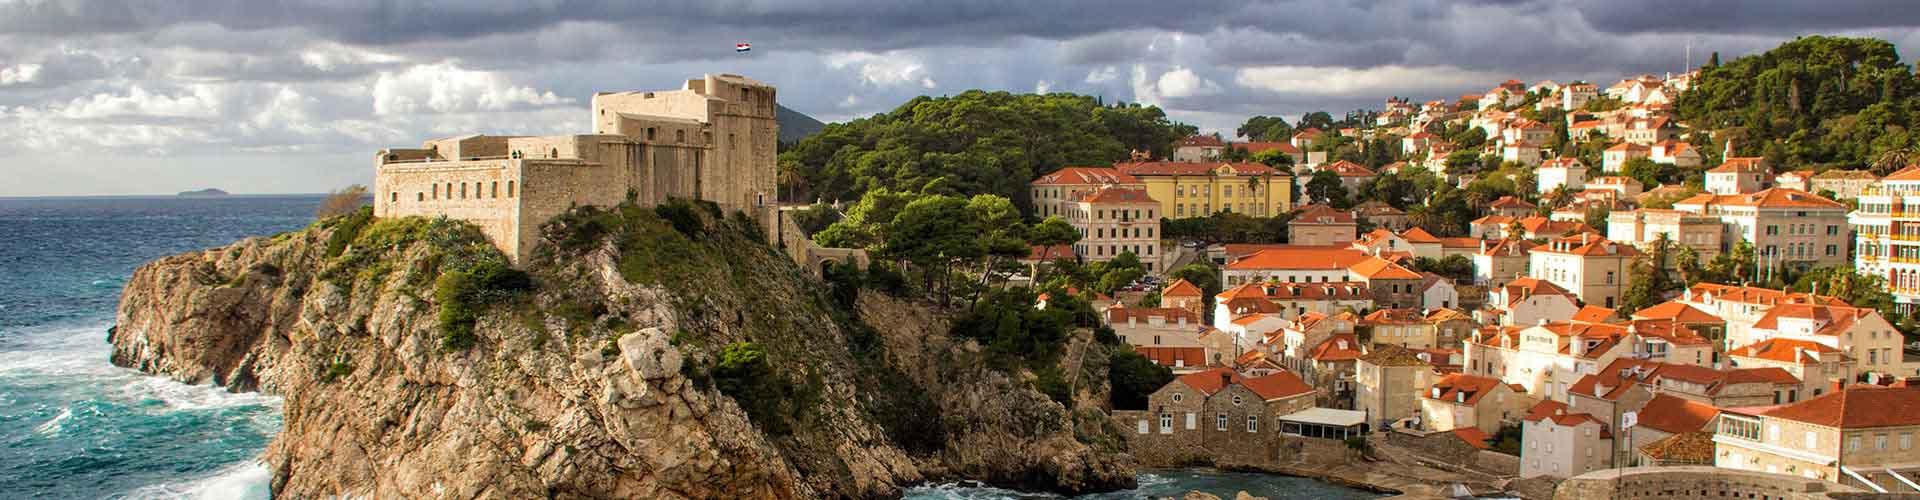 Dubrovnik - Hôtels à Dubrovnik. Cartes pour Dubrovnik, photos et commentaires pour chaque hôtel à Dubrovnik.